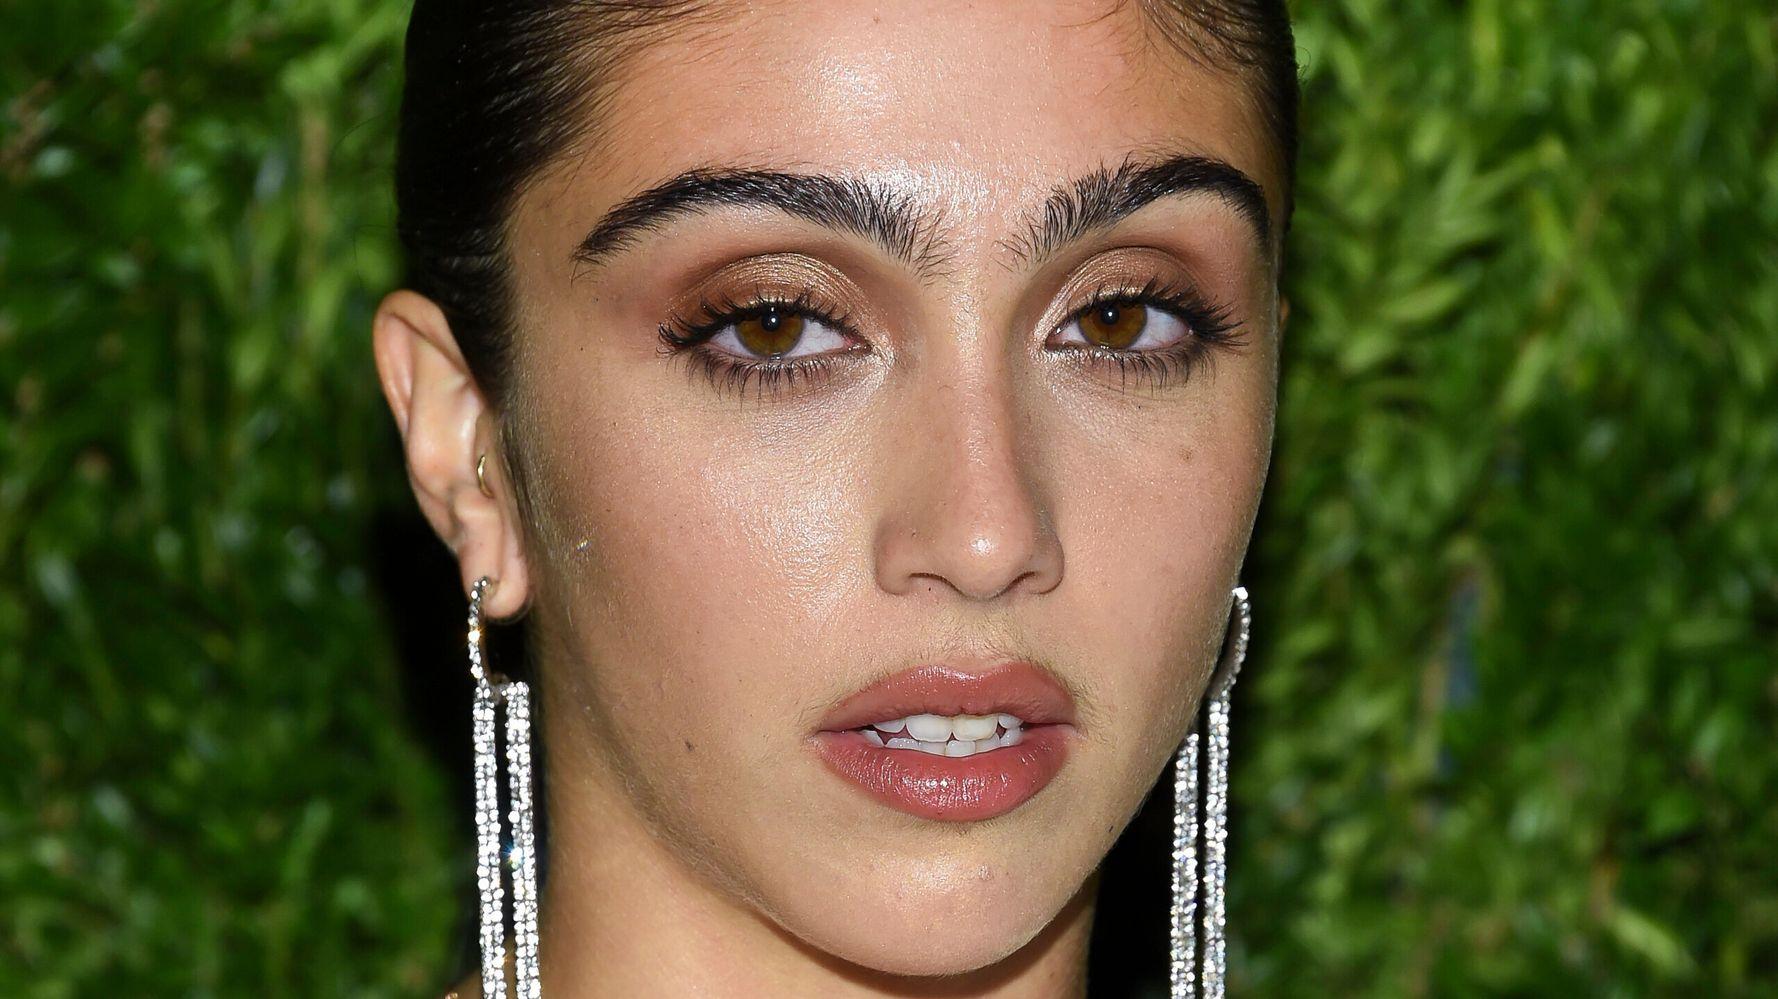 La fille de Madonna, Lourdes Leon, n'y va pas de main morte dans son premier post Instagram